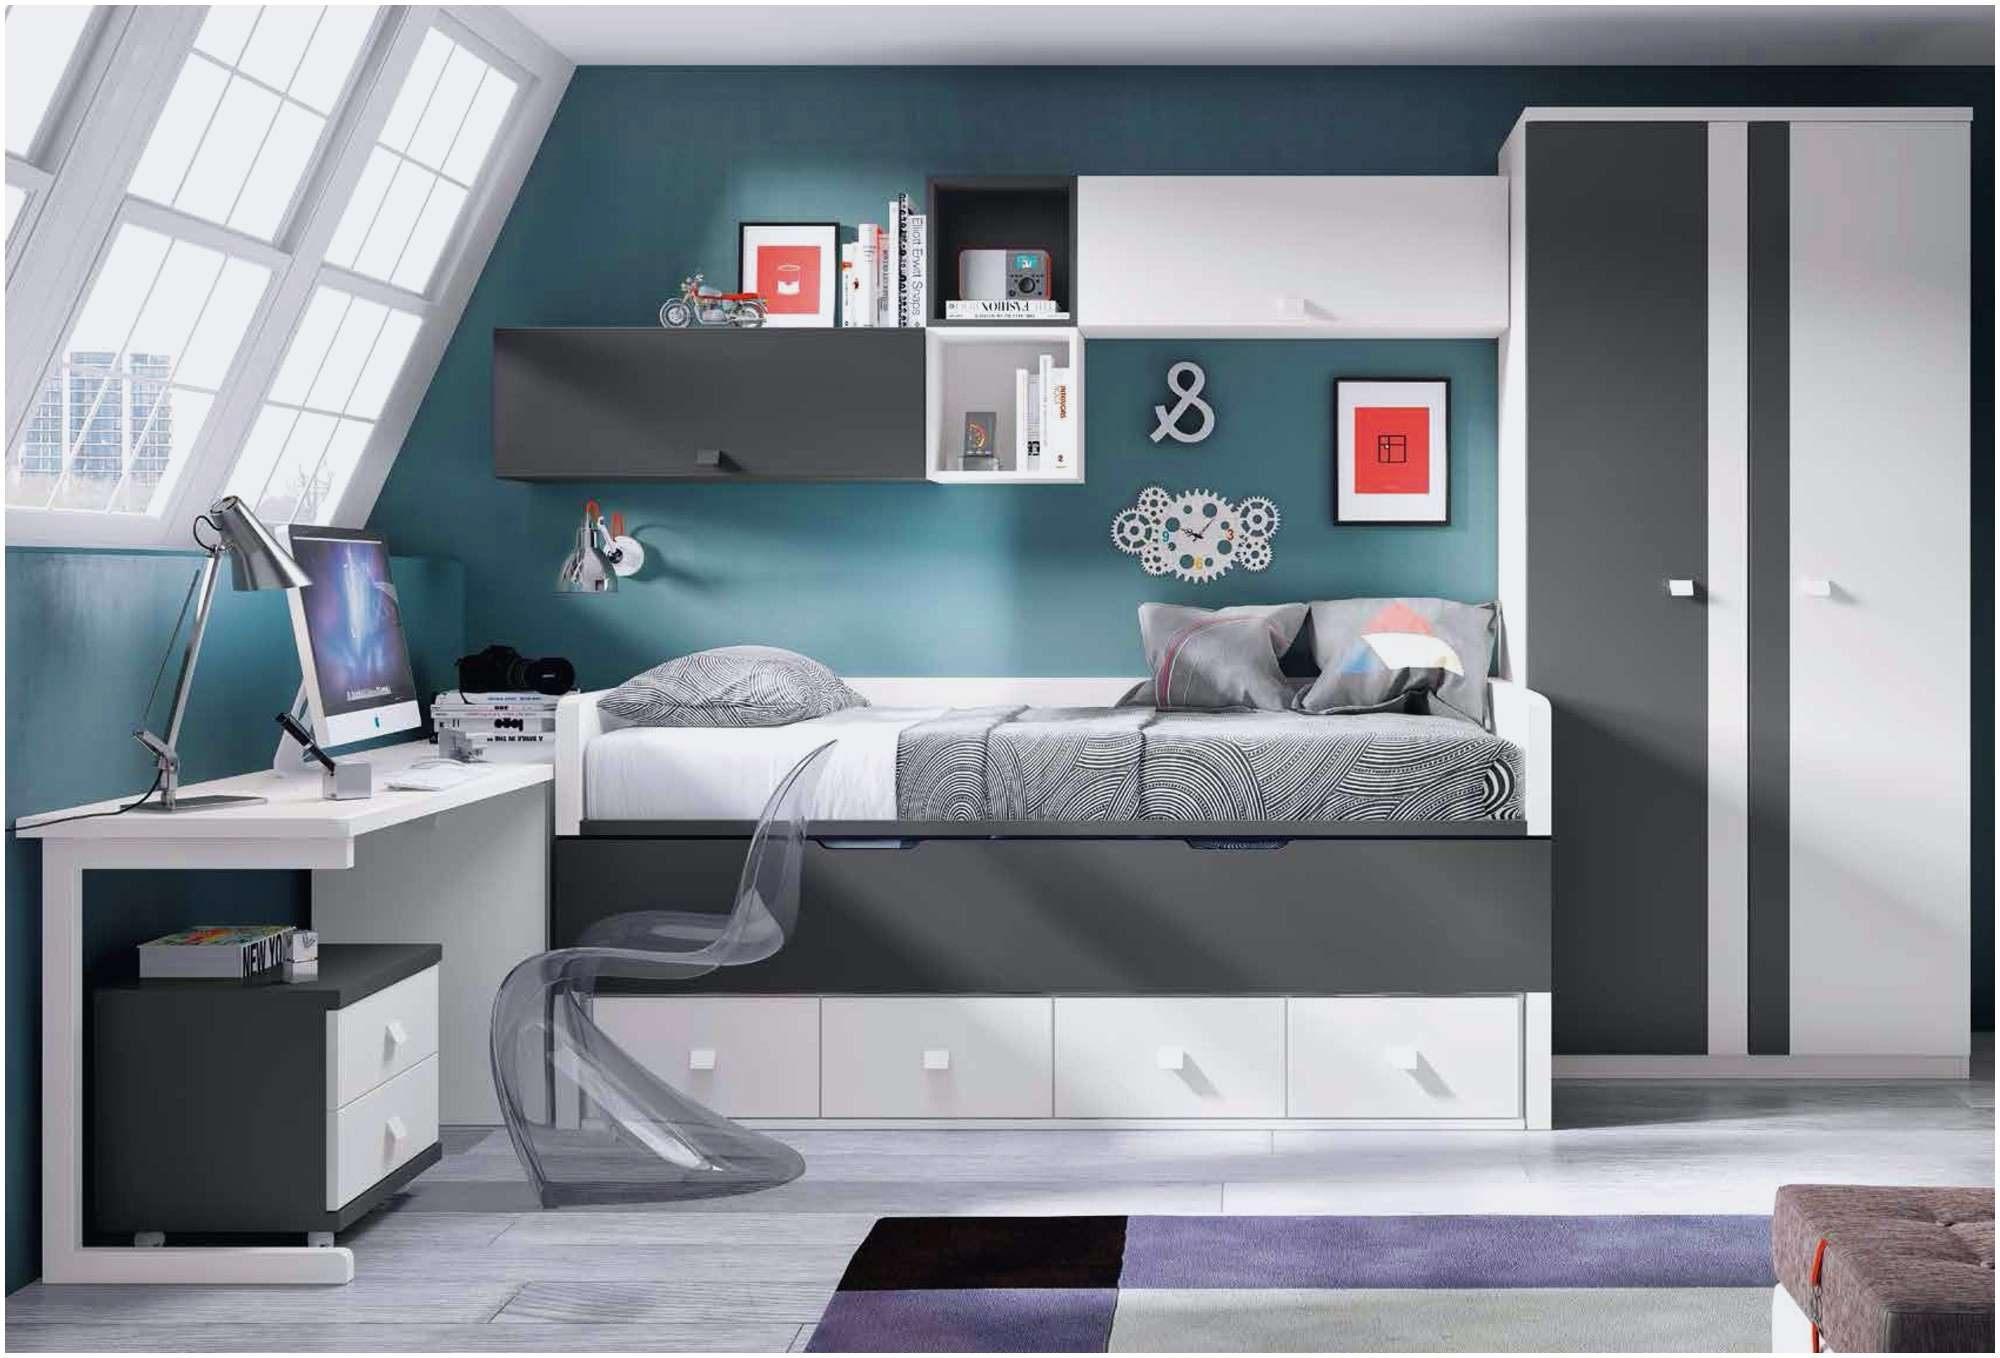 Lit Ado Pas Cher Inspirant Inspiré Lit Ado Design Pouf Chambre Ado Frais Pouf Design Pas Cher